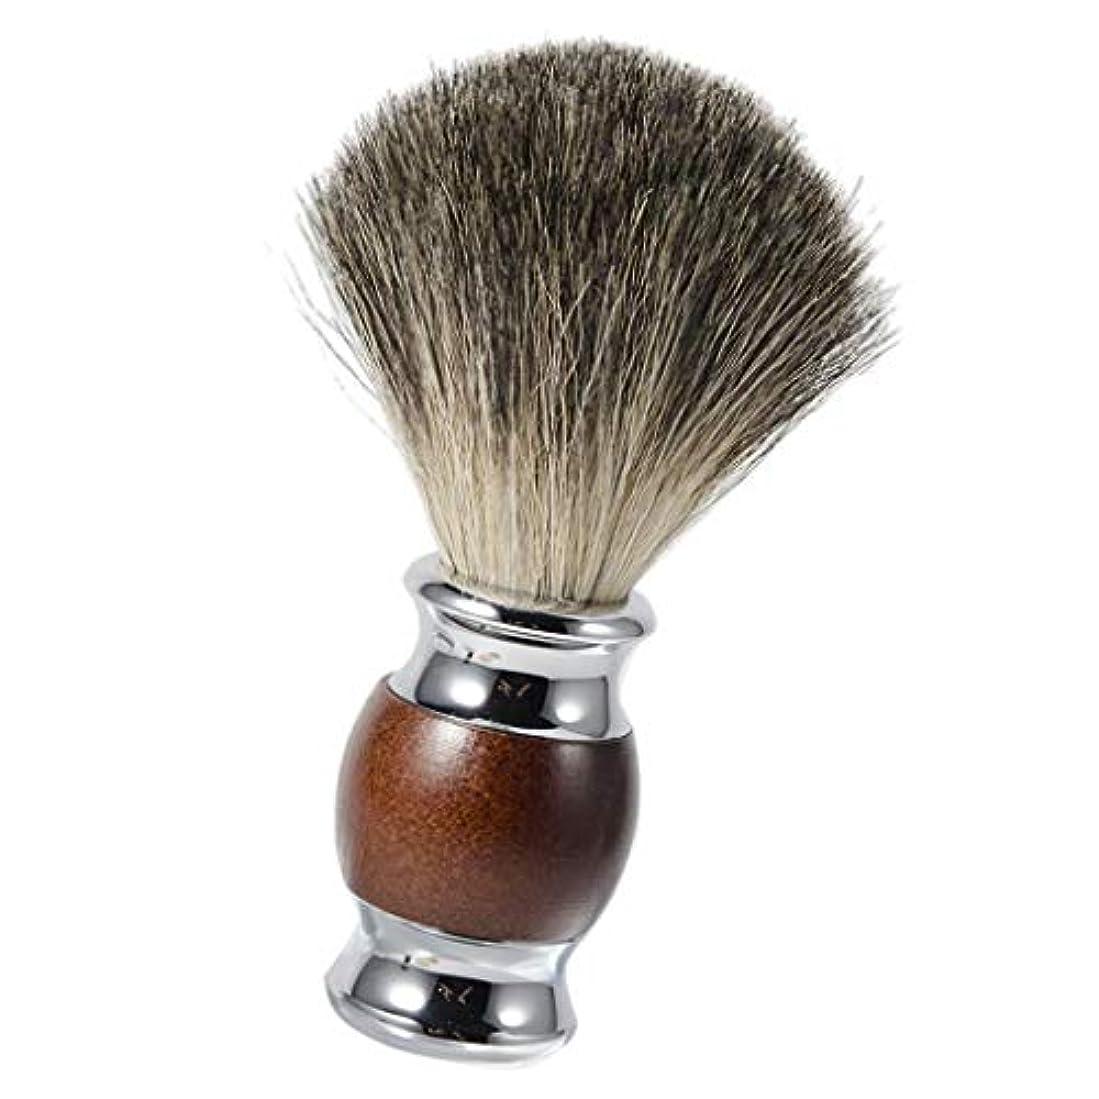 反映する欠かせないエッセンスメンズ用 髭剃り ブラシ シェービングブラシ 木製ハンドル 理容 洗顔 髭剃り ギフト